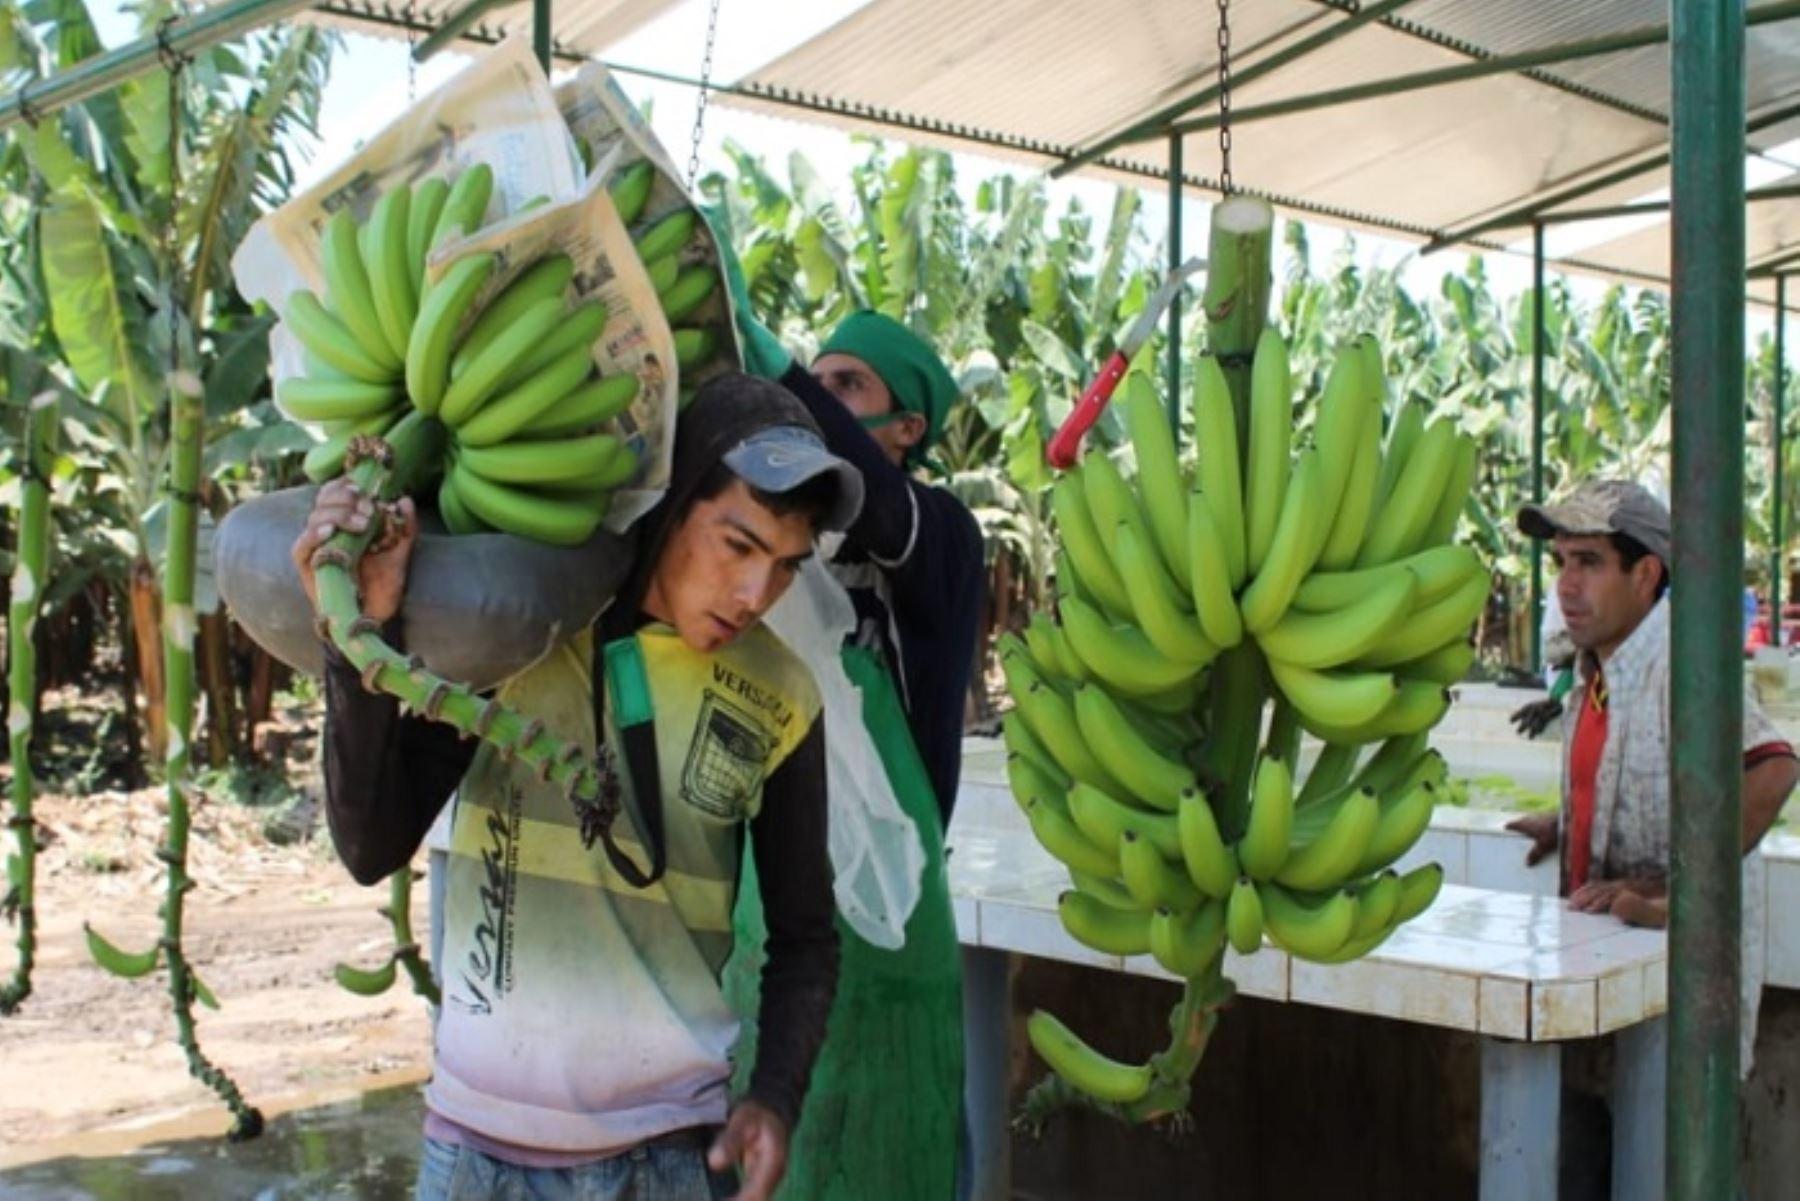 El VII Congreso Internacional del Banano Orgánico (CIBAN) a desarrollarse en Piura los días 21 y 22 de noviembre próximo, organizado por la Mesa Técnica Regional de esta fruta, prevé reunir a más de 9, 500 pequeños productores y contará con la participación de expositores nacionales y provenientes de Brasil, Holanda, Francia, Israel, Colombia y Ecuador.